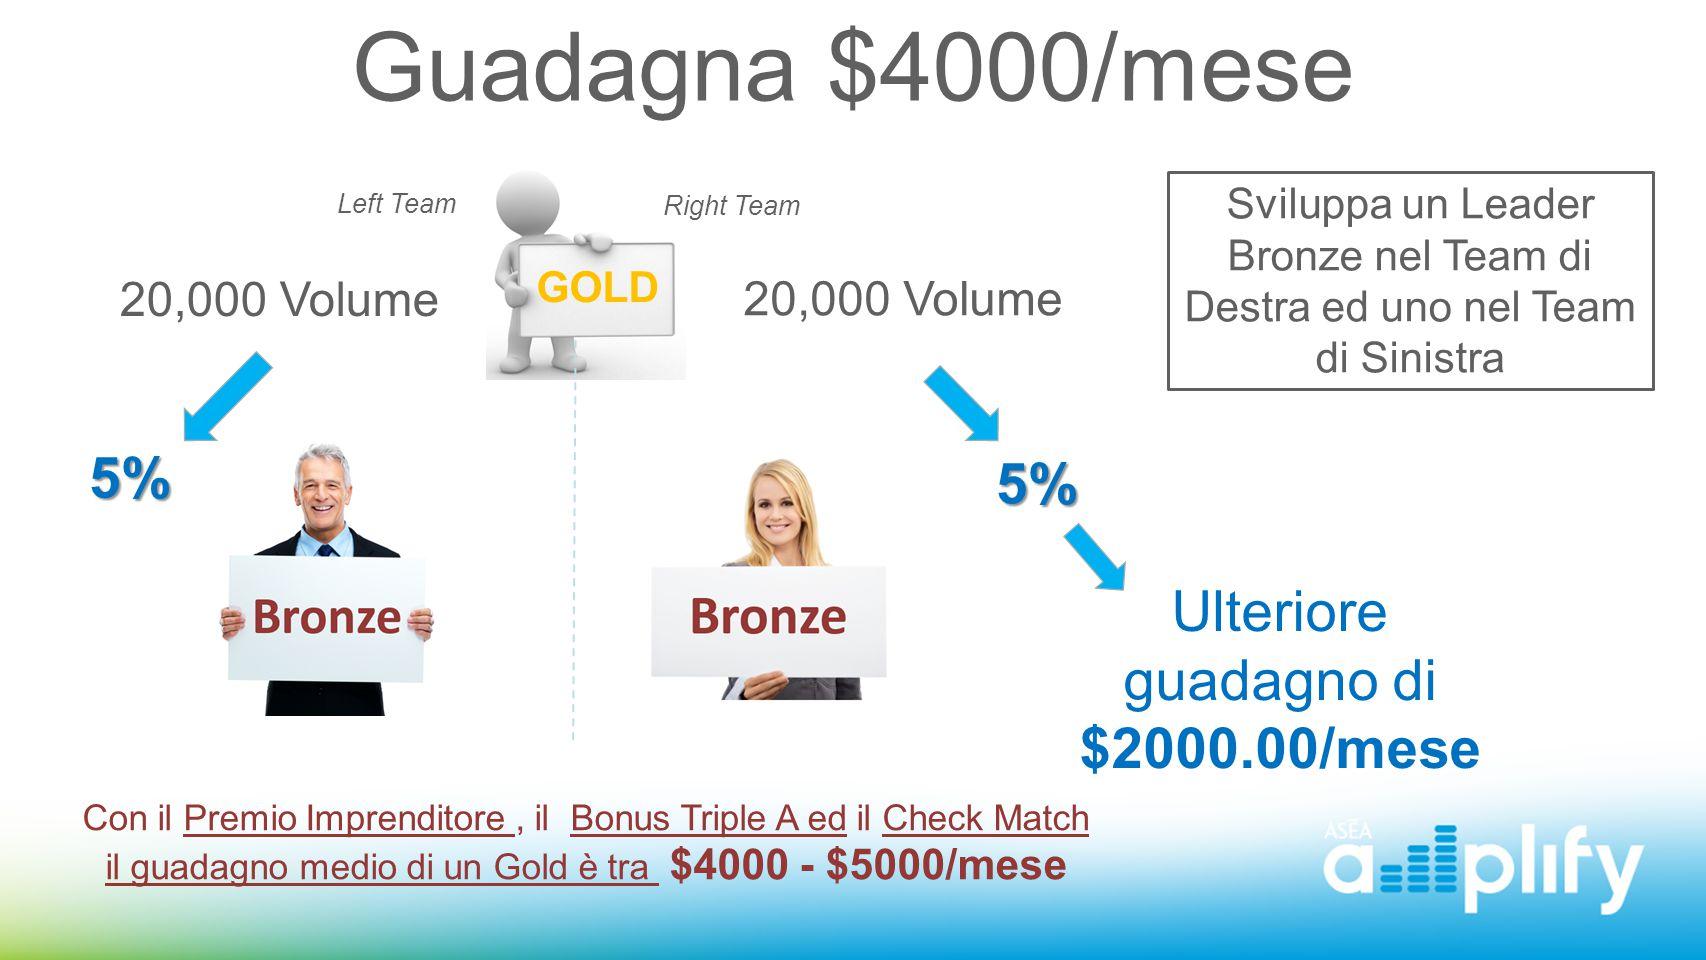 Guadagna $4000/mese Left Team Right Team 20,000 Volume 5% Ulteriore guadagno di $2000.00/mese Sviluppa un Leader Bronze nel Team di Destra ed uno nel